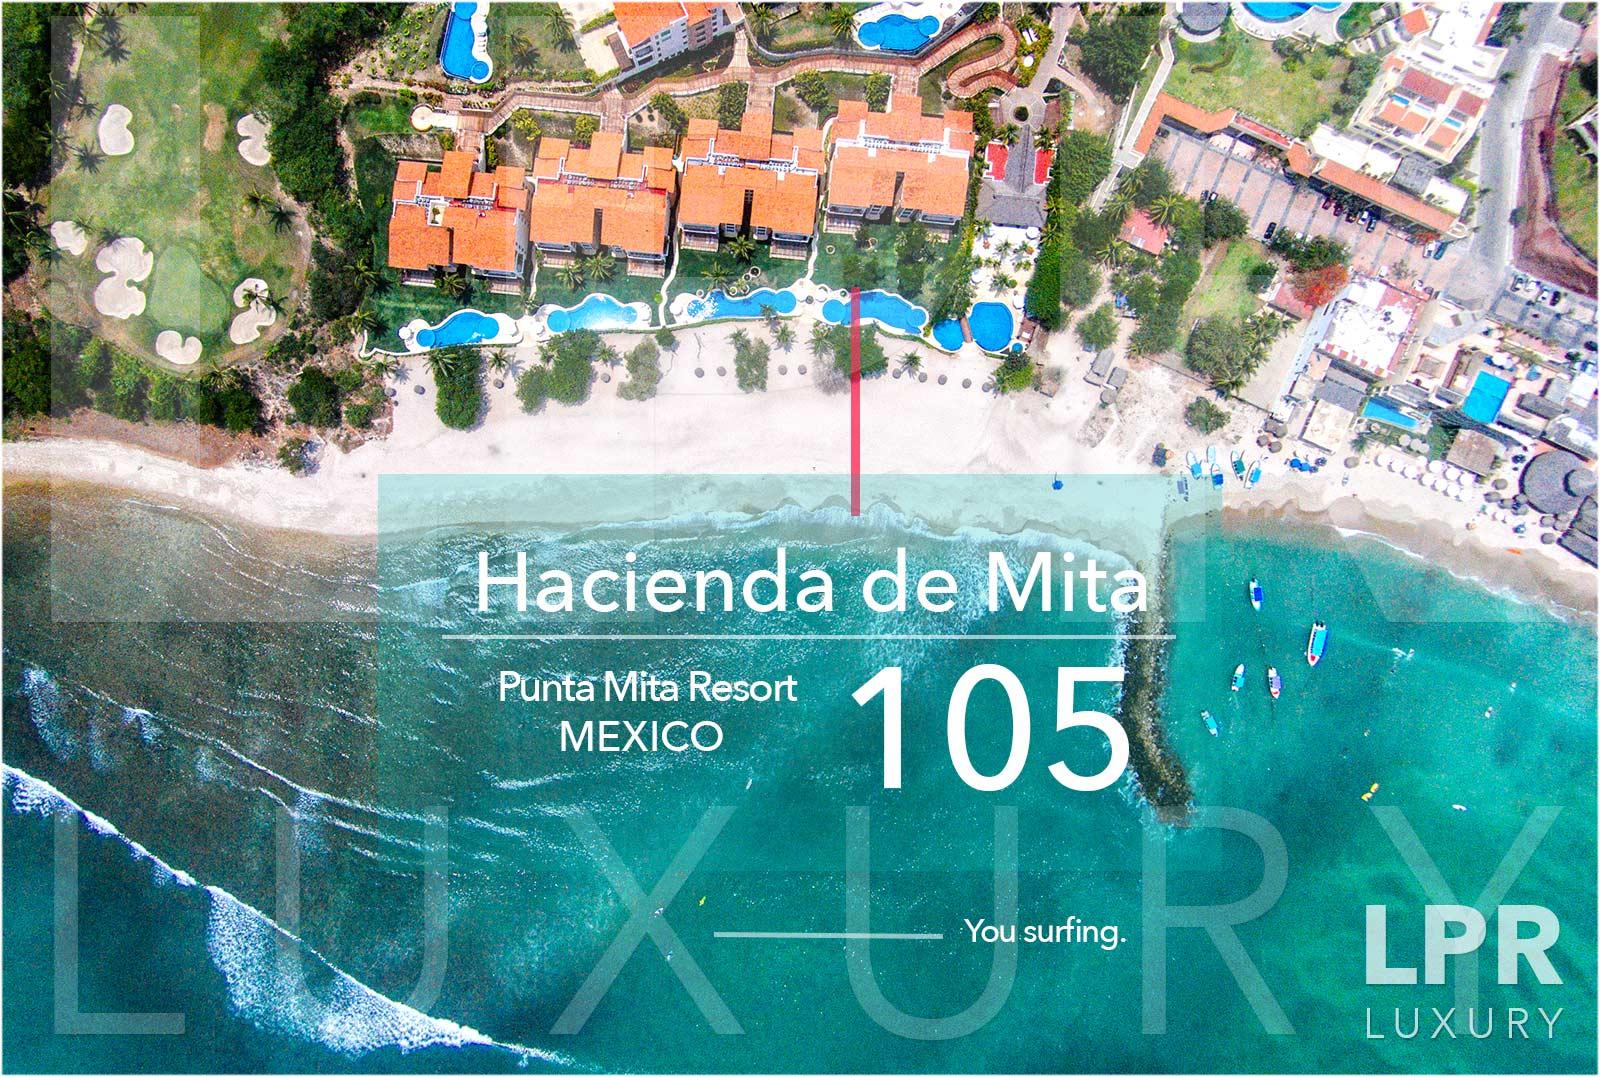 Hacienda de Mita 105 - Punta Mita, Mexico